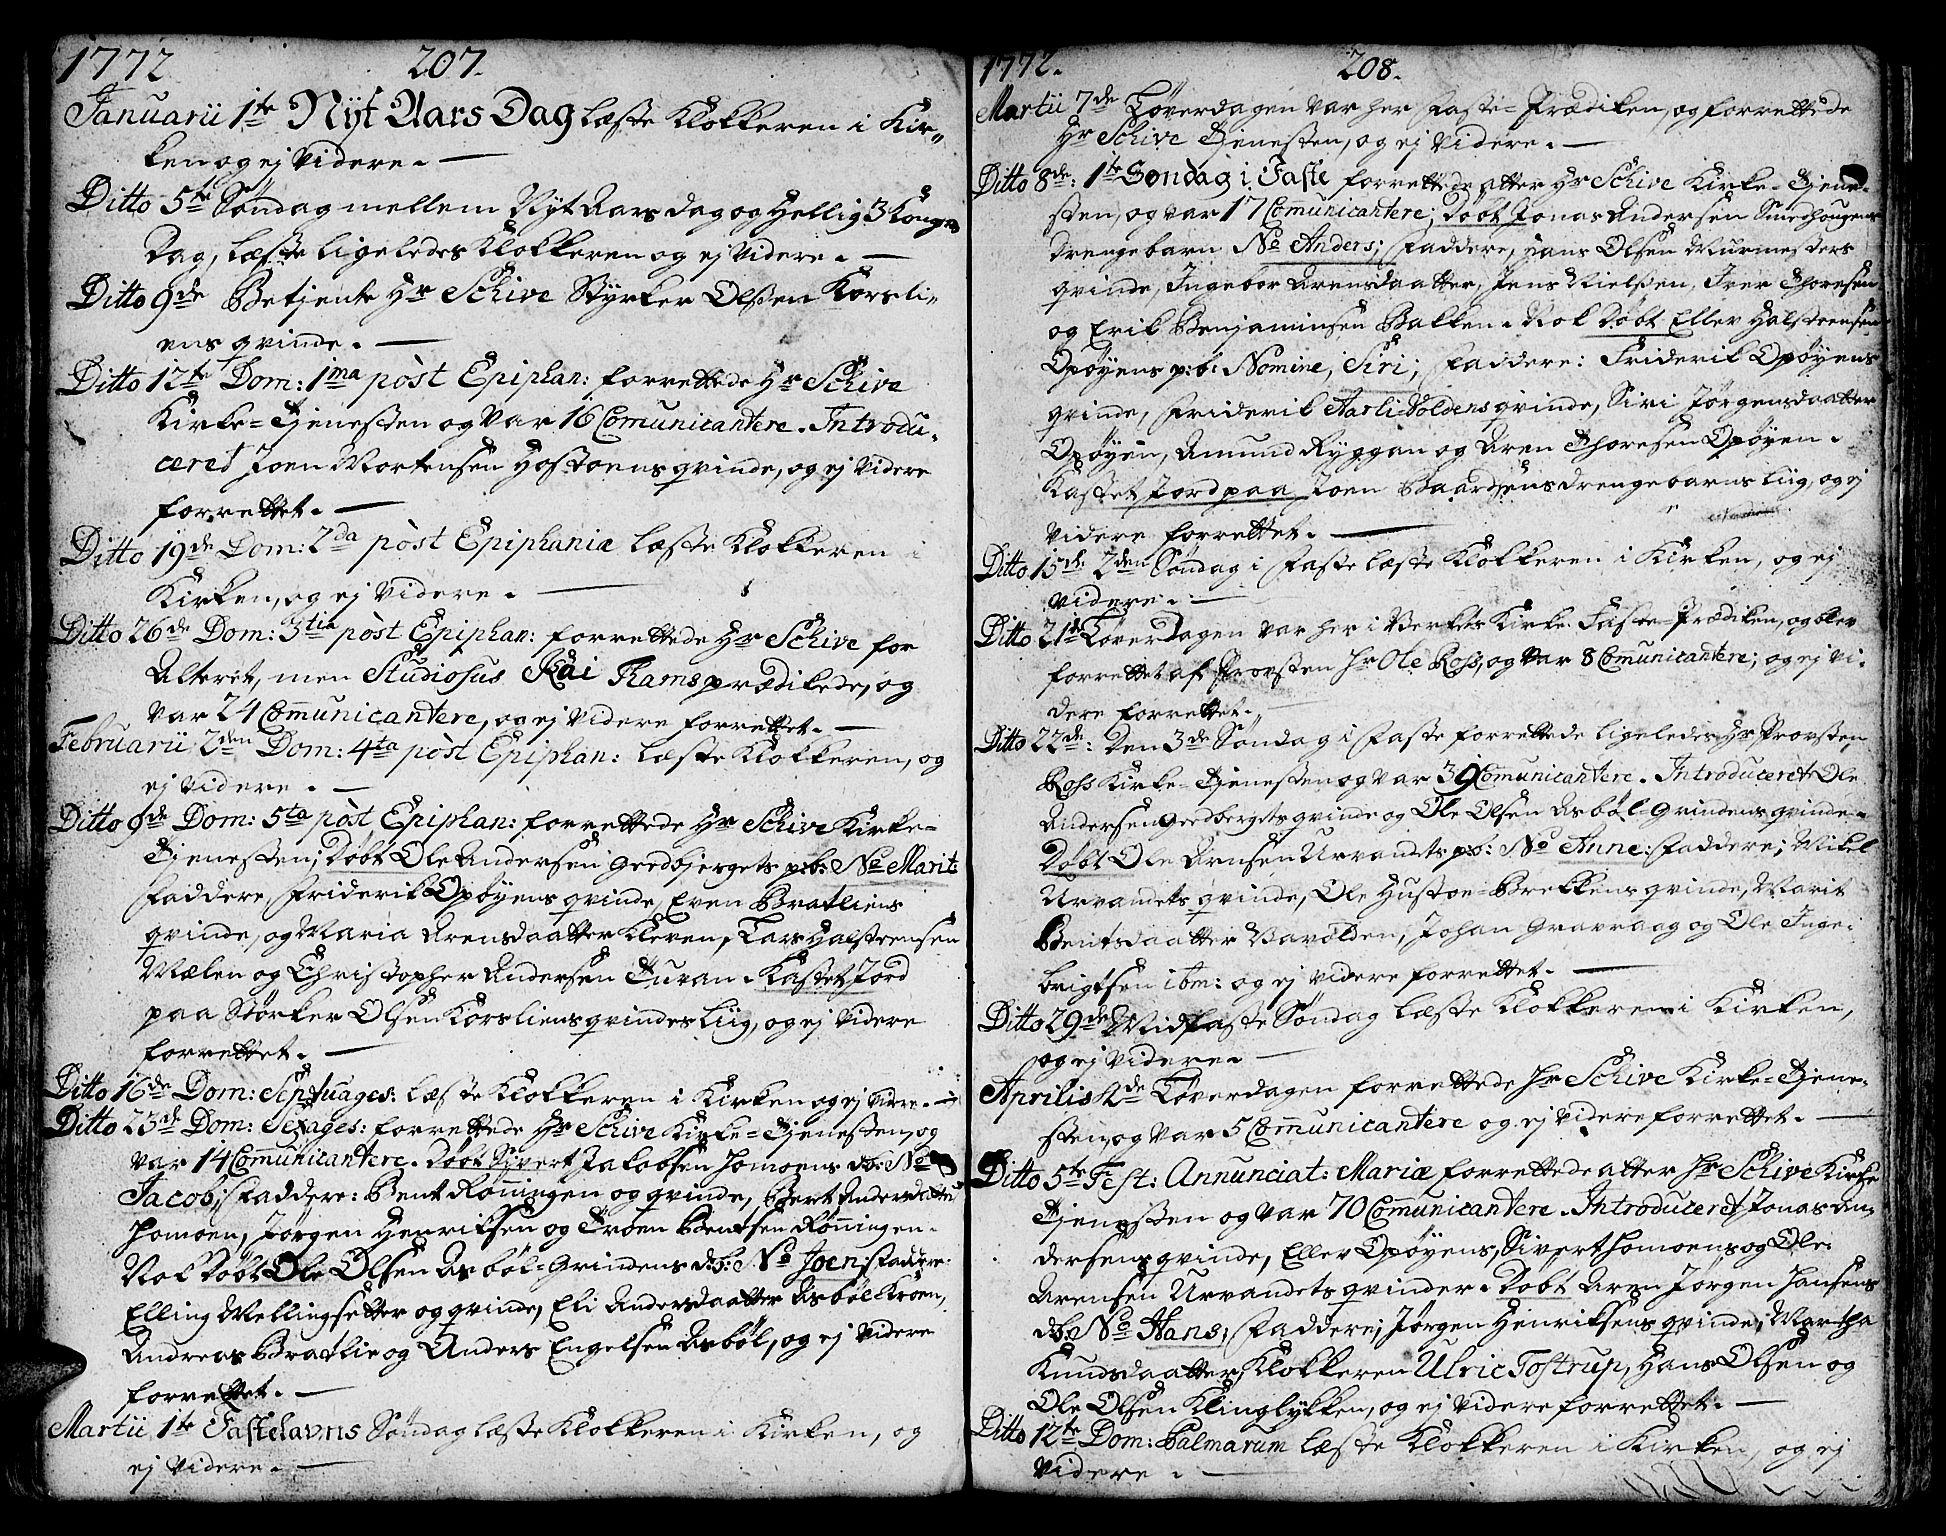 SAT, Ministerialprotokoller, klokkerbøker og fødselsregistre - Sør-Trøndelag, 671/L0840: Ministerialbok nr. 671A02, 1756-1794, s. 207-208